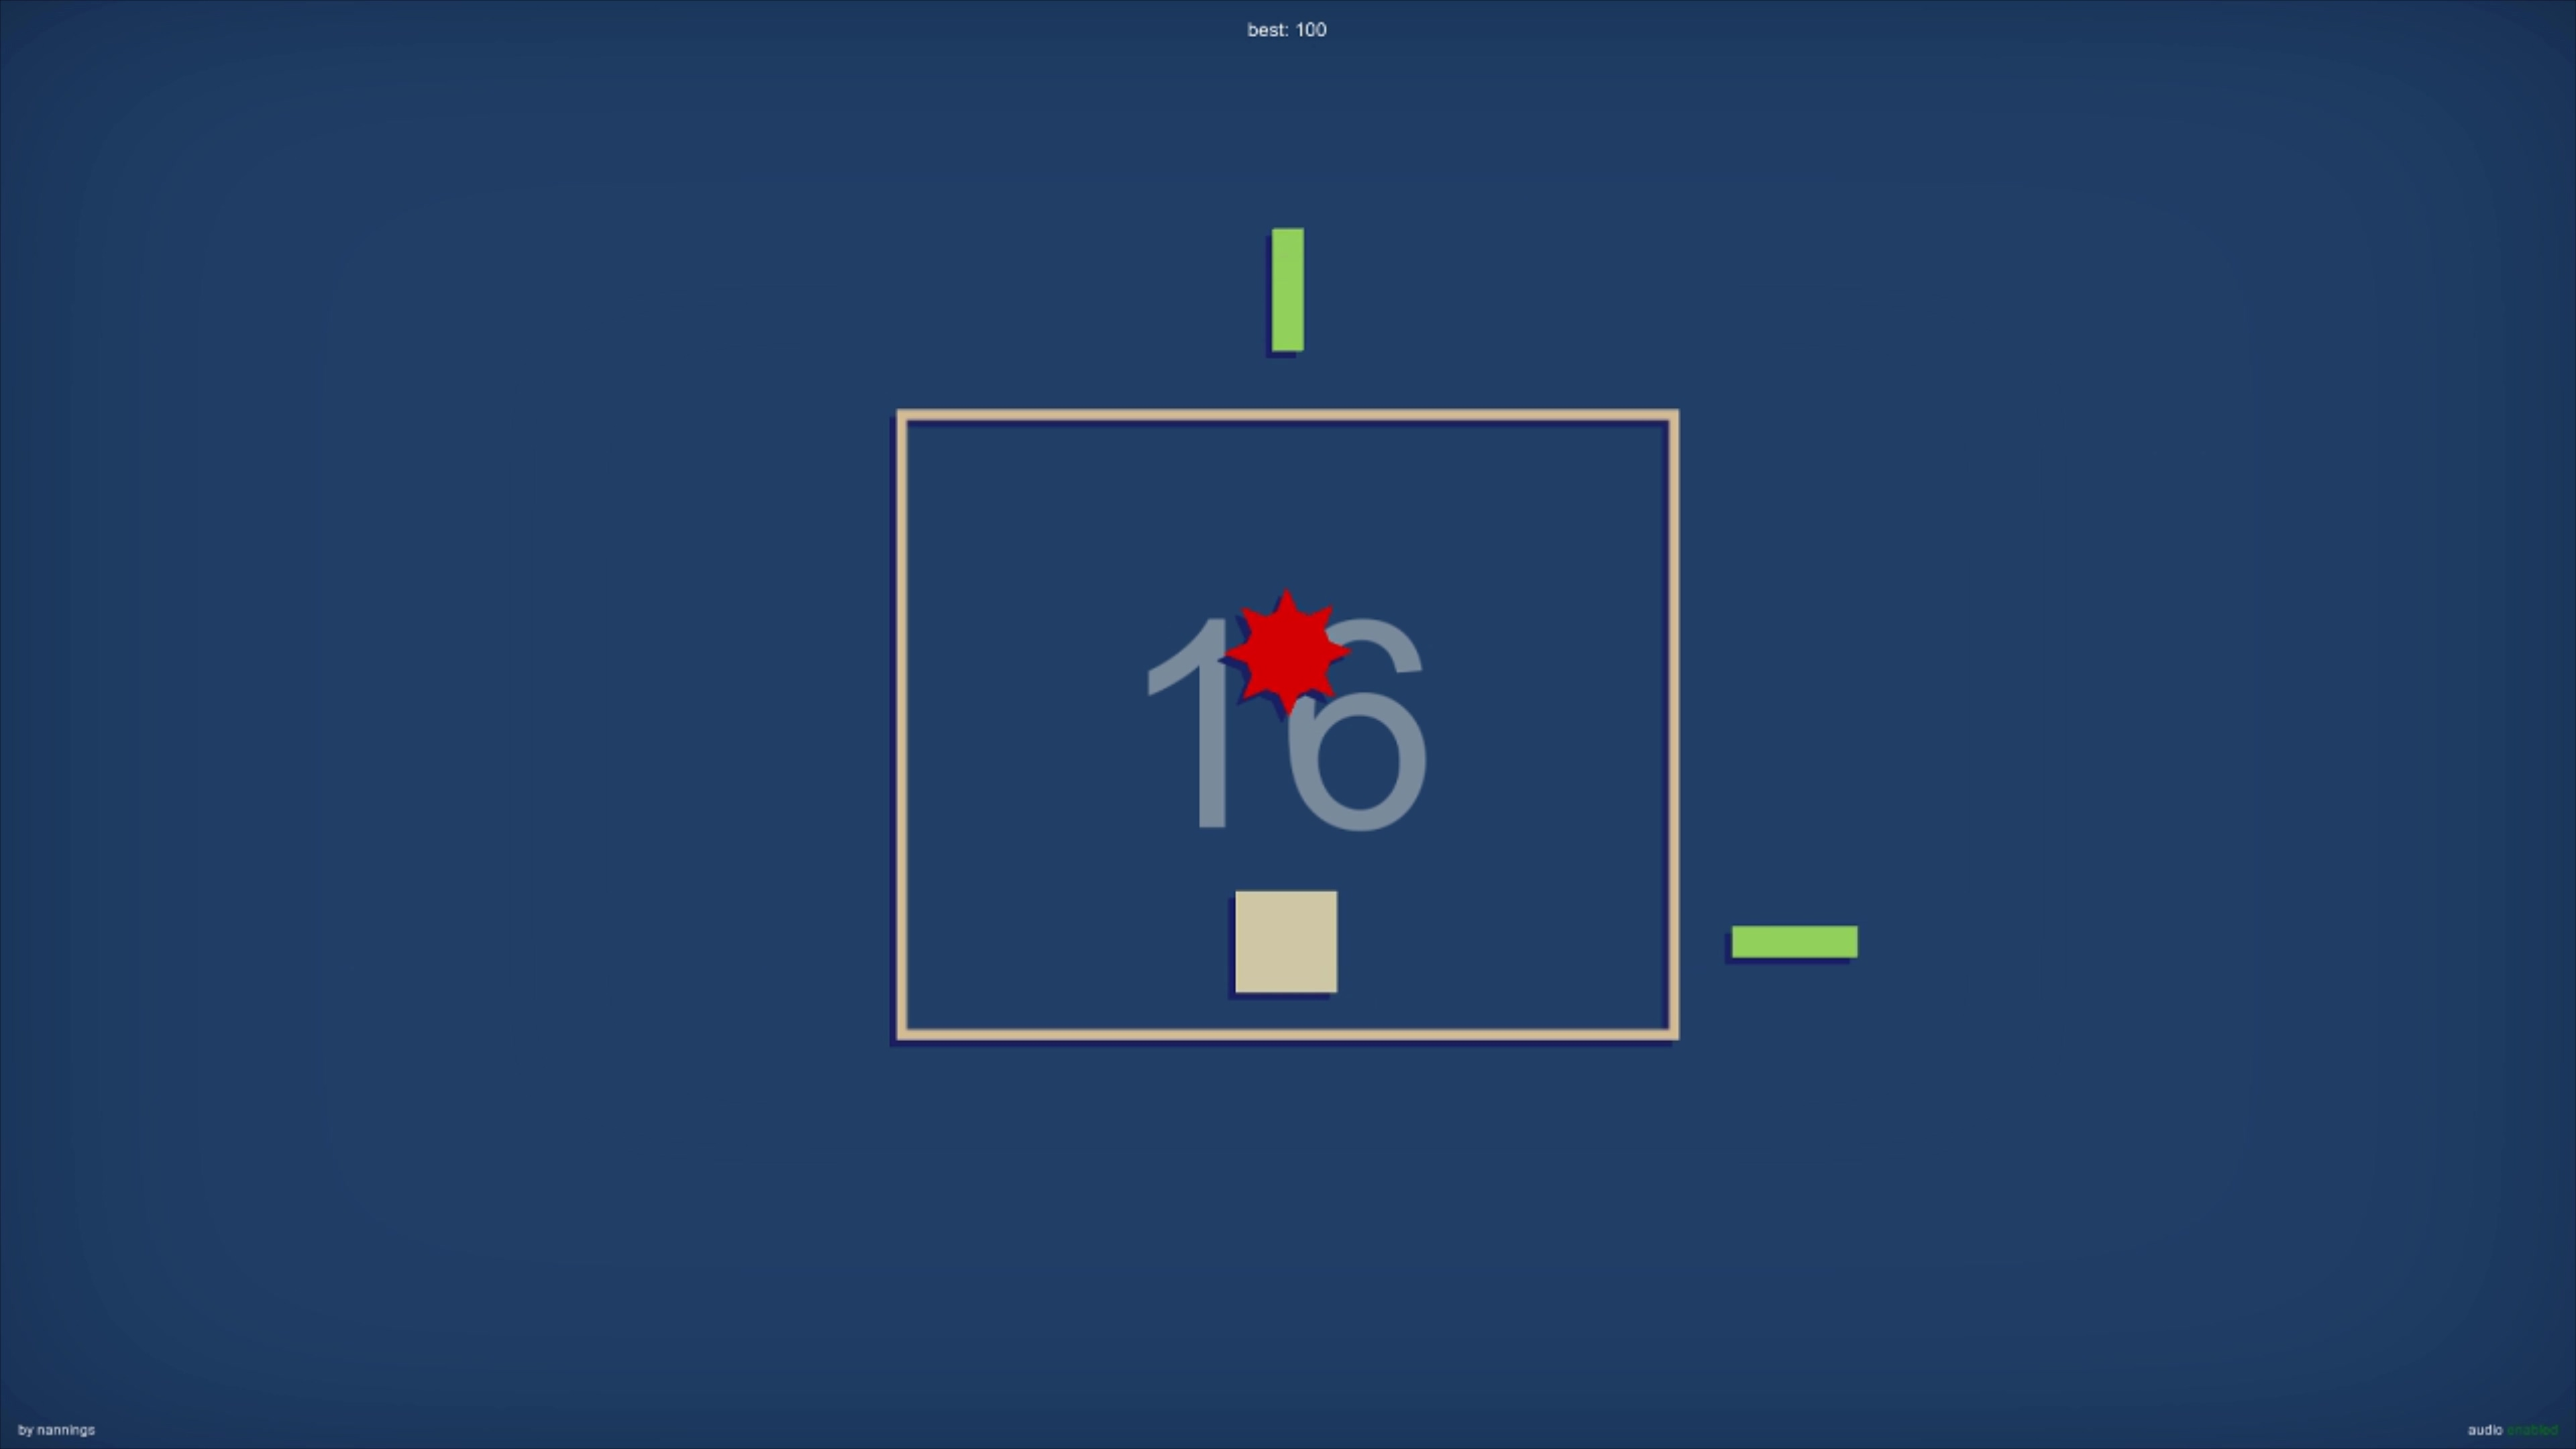 simple square 3